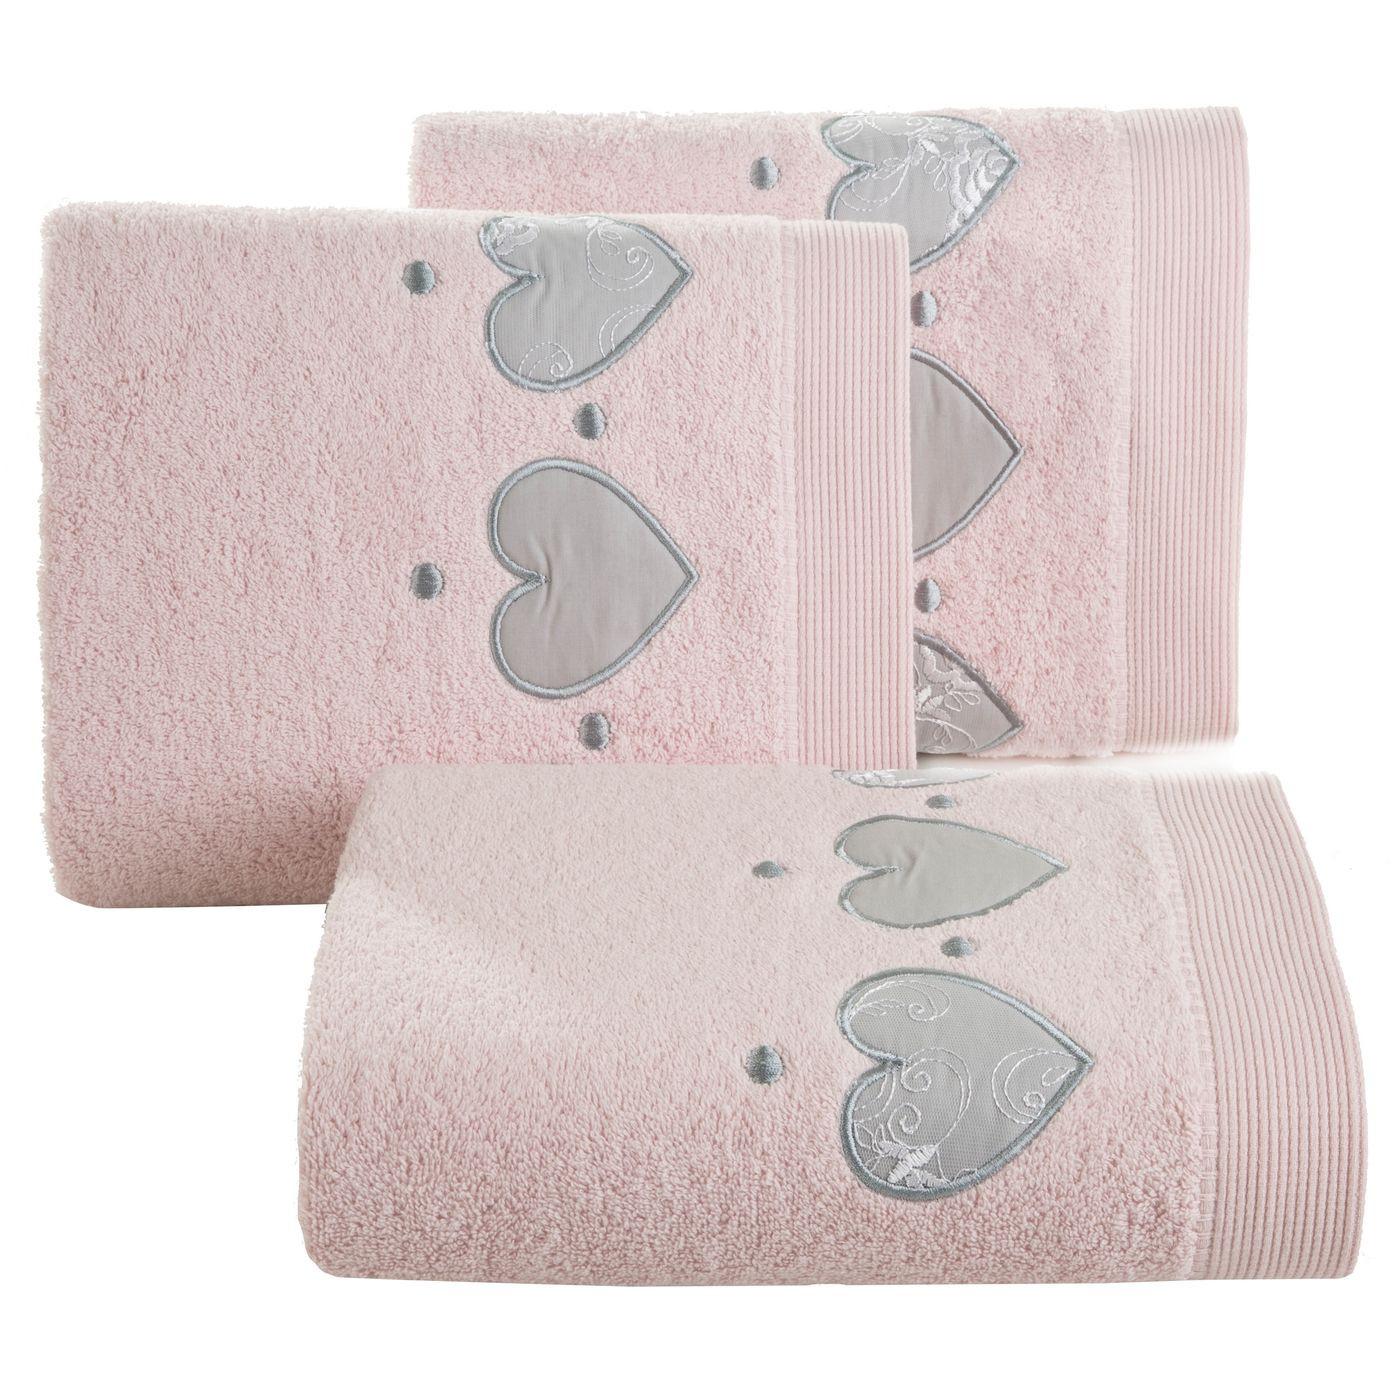 Miękki chłonny ręcznik kąpielowy pudrowy z serduszkami 70x140